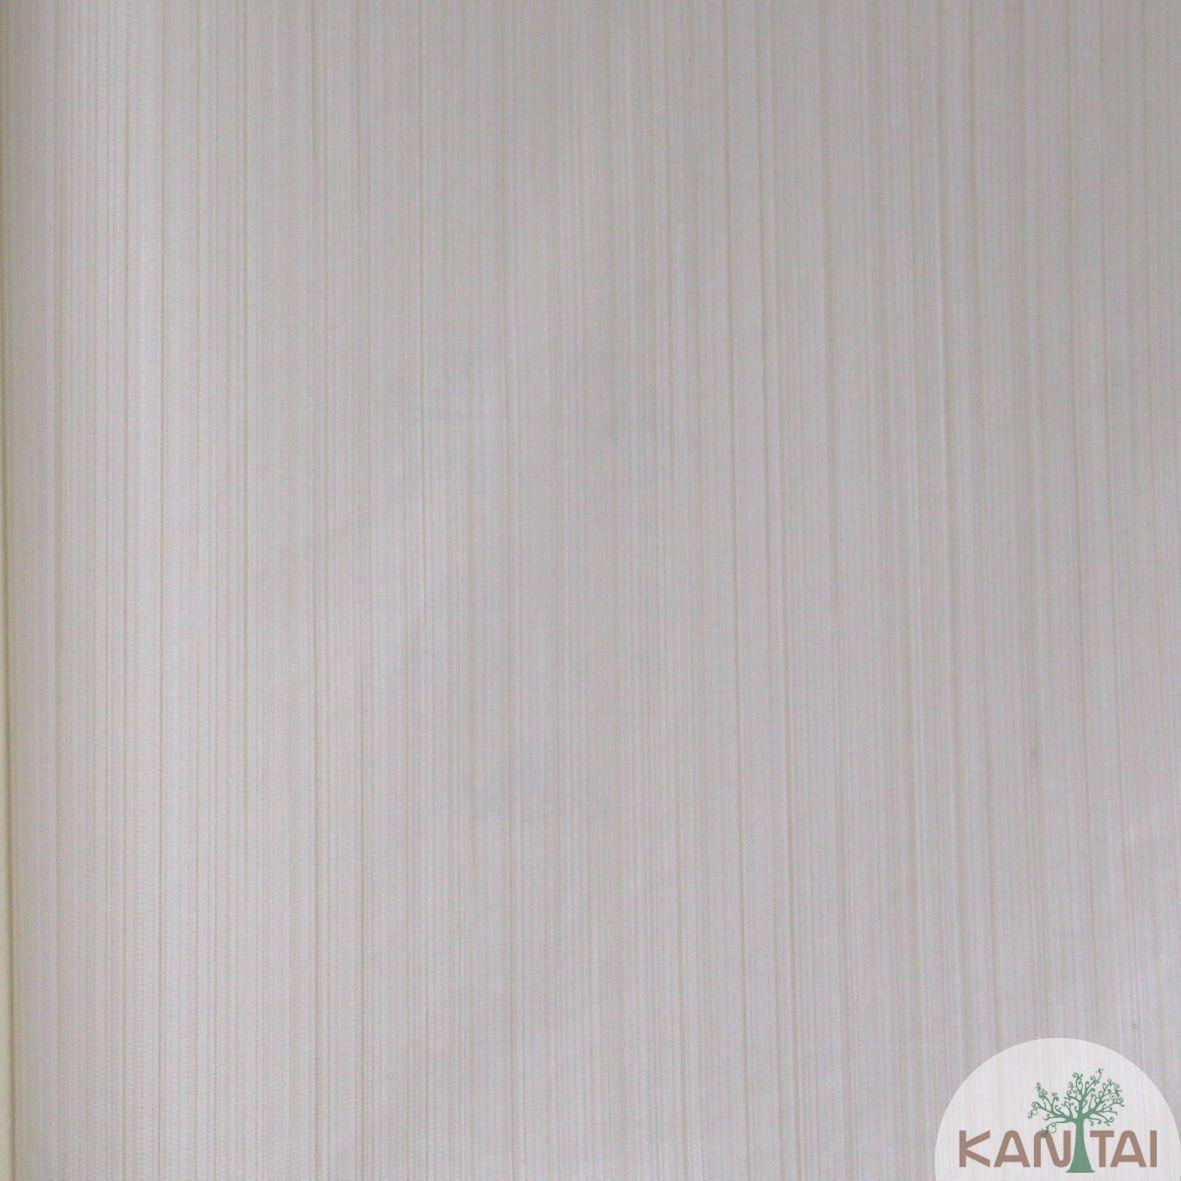 Papel de Parede Importado  Kan Tai Vinílico Coleção Grace Textura Listras finas Bege claro